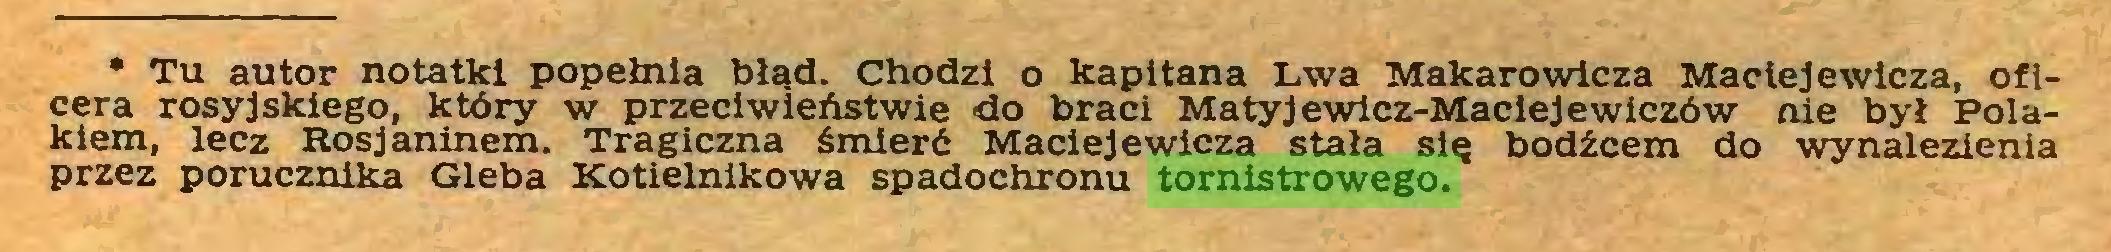 (...) • Tu autor notatki popełnia błąd. Chodzi o kapitana Lwa Makarowieża Maciej ewicza, oficera rosyjskiego, który w przeciwieństwie do braci Matyjewicz-Maciejewiczów nie był Polakiem, lecz Rosjaninem. Tragiczna śmierć Maciejewlcza stała się bodźcem do wynalezienia przez porucznika Gleba Kotielnikowa spadochronu tornistrowego...